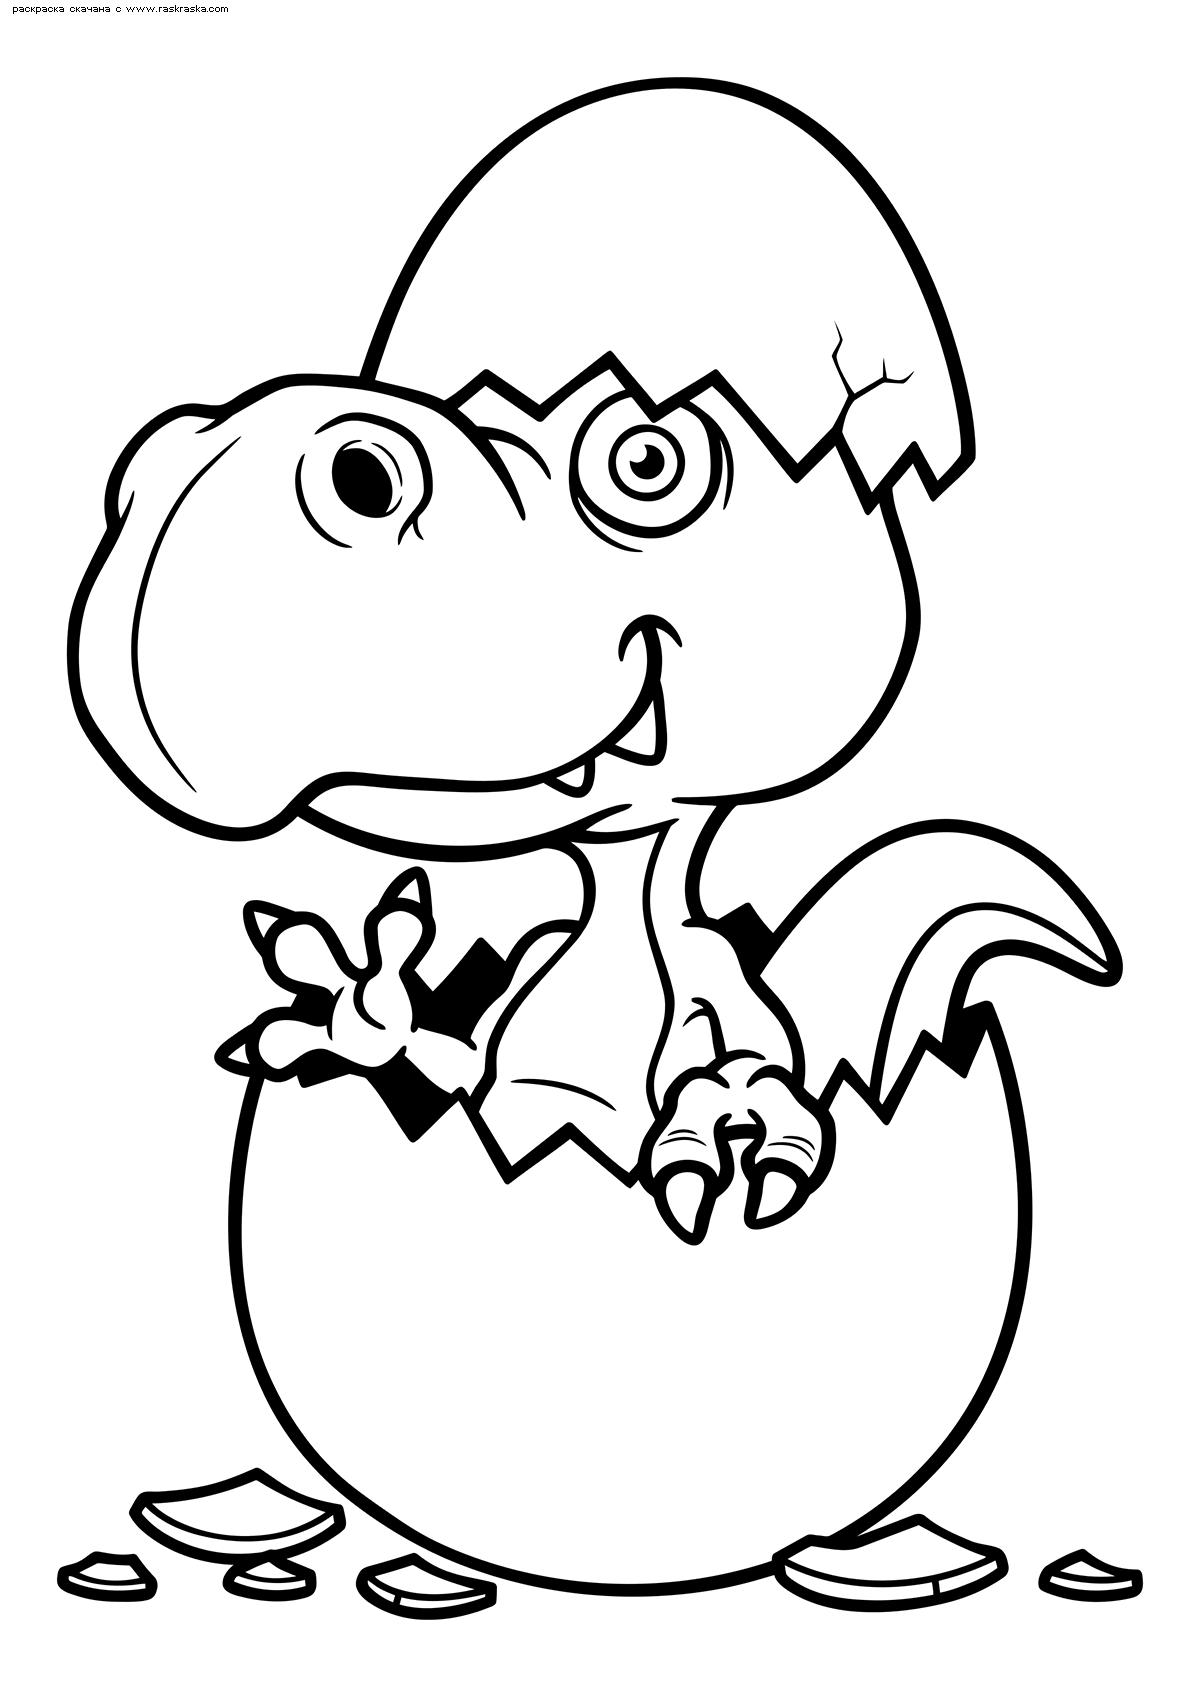 Раскраска Тиранозавр вылупился из яйца. Раскраска динозавр